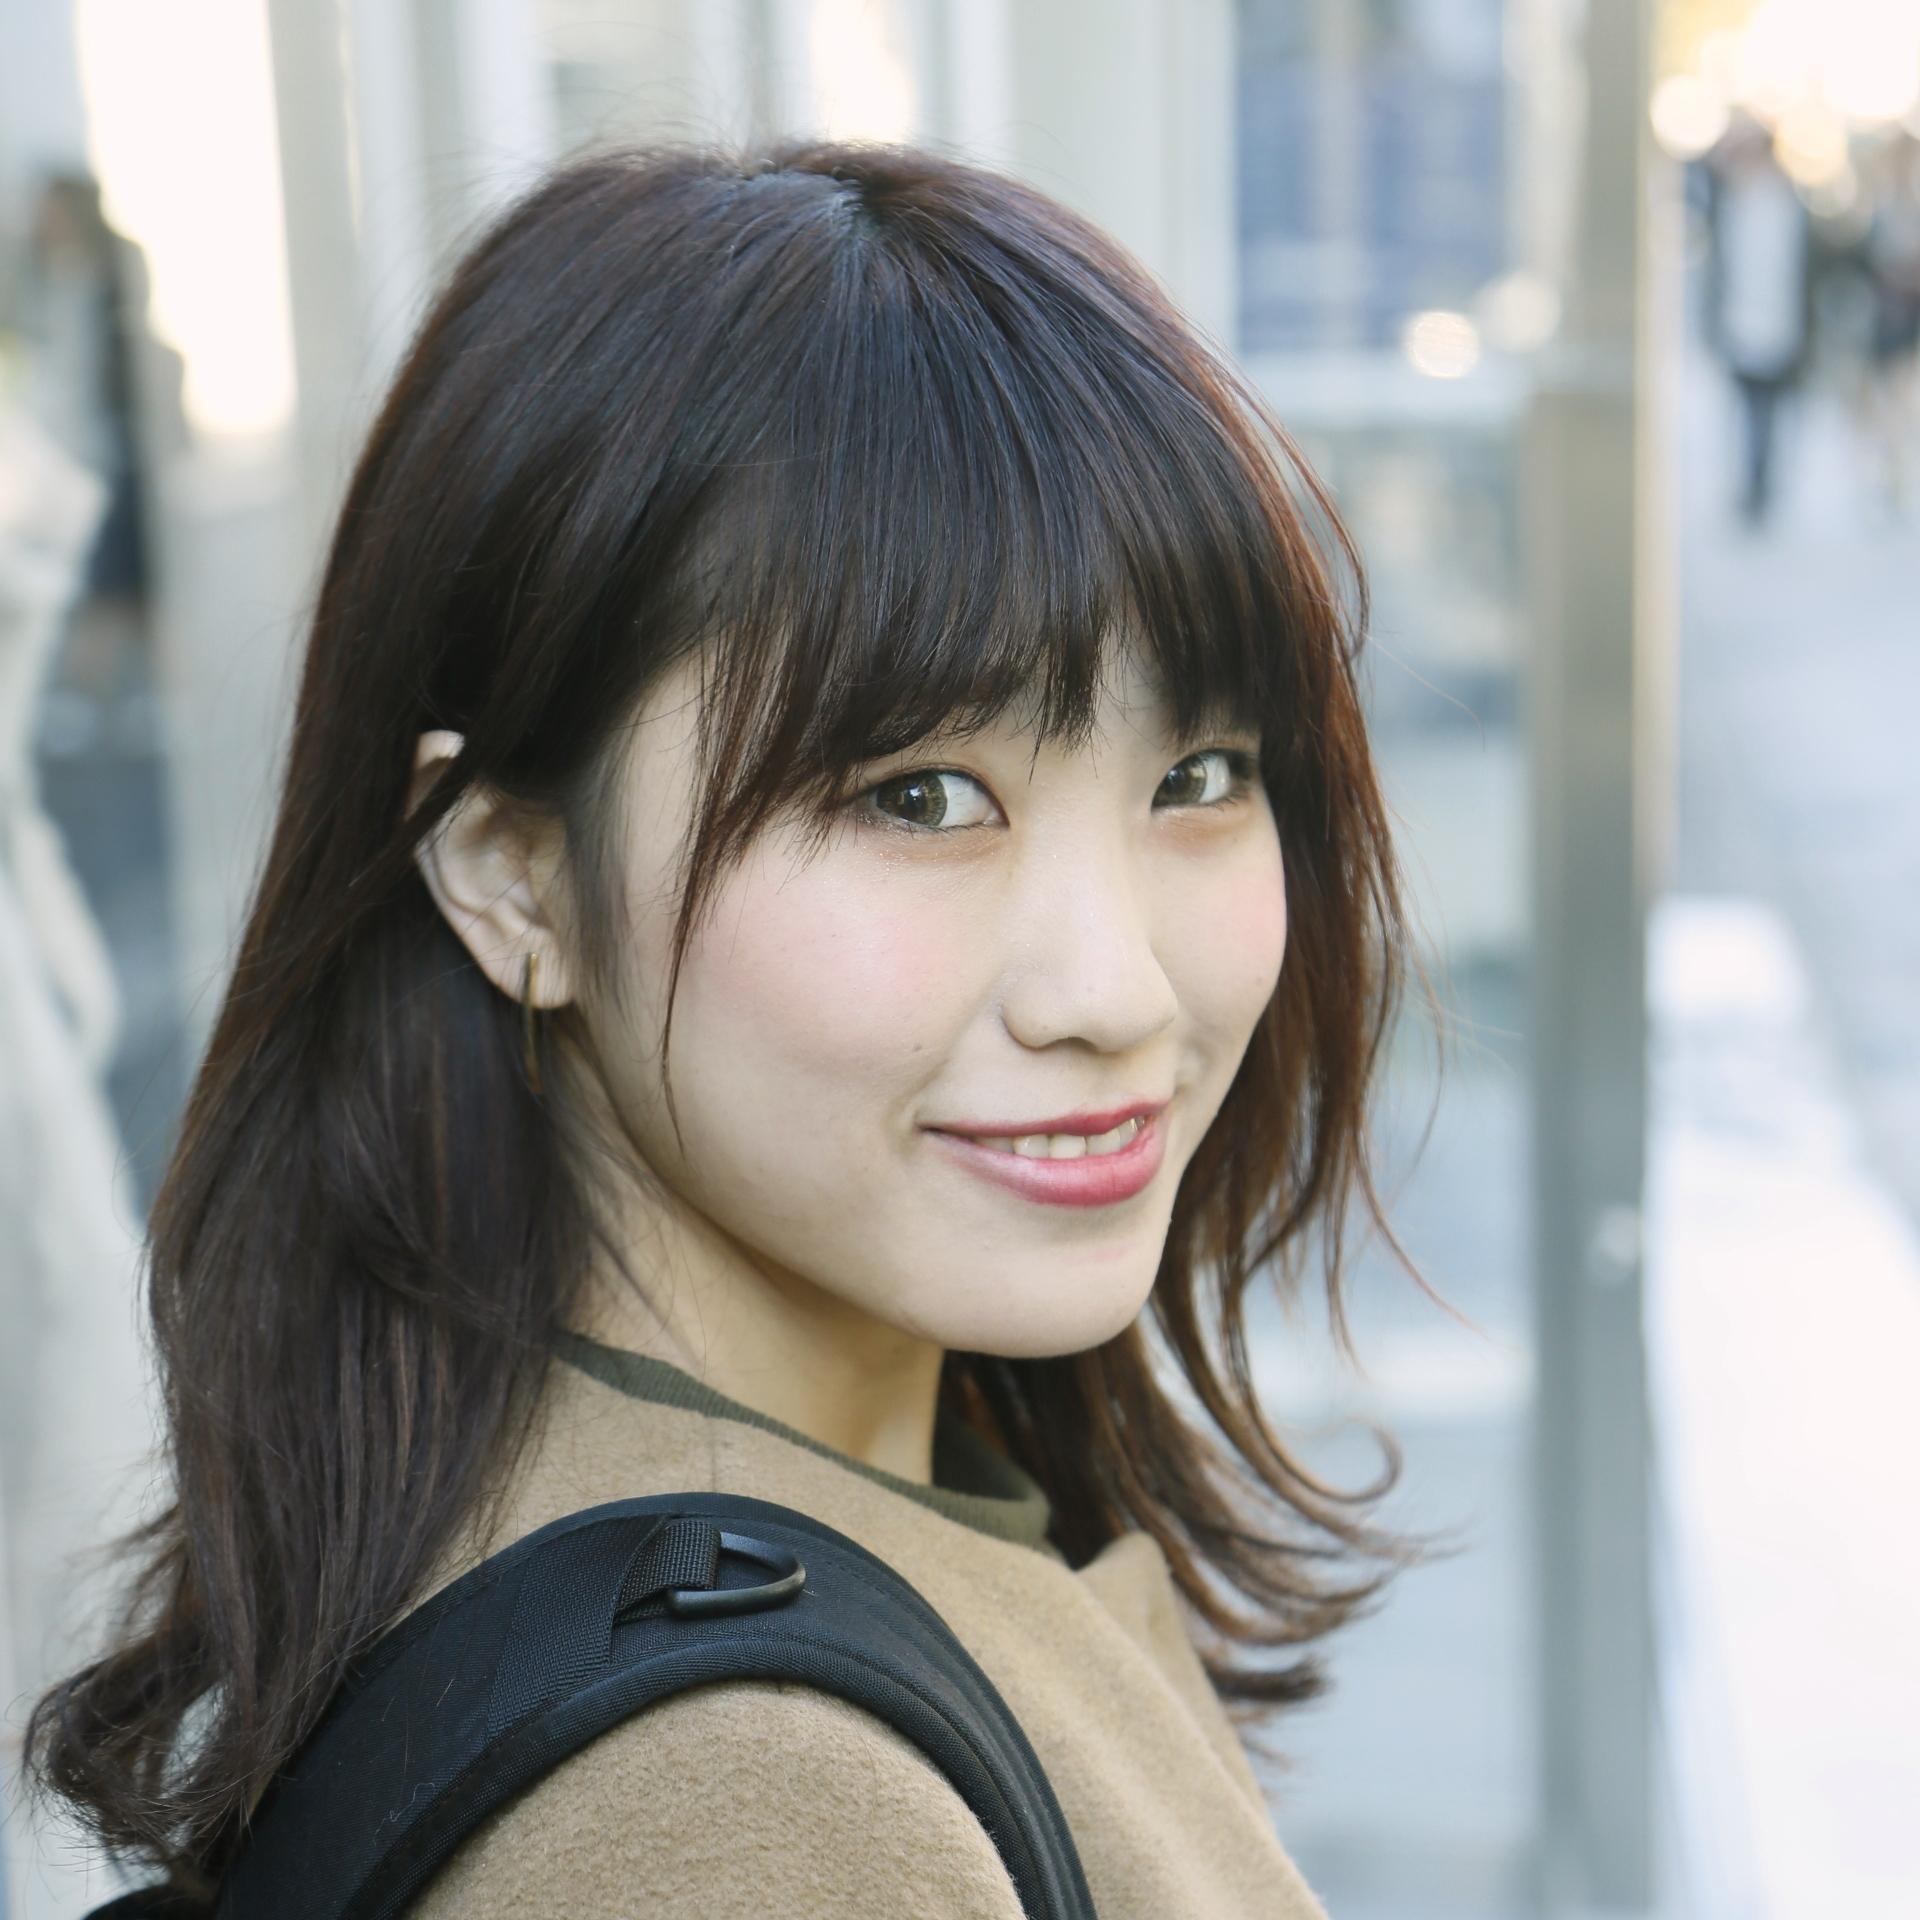 【女子SNAP】SJ美女図鑑<br />森 紫織さん・サロンスタッフ